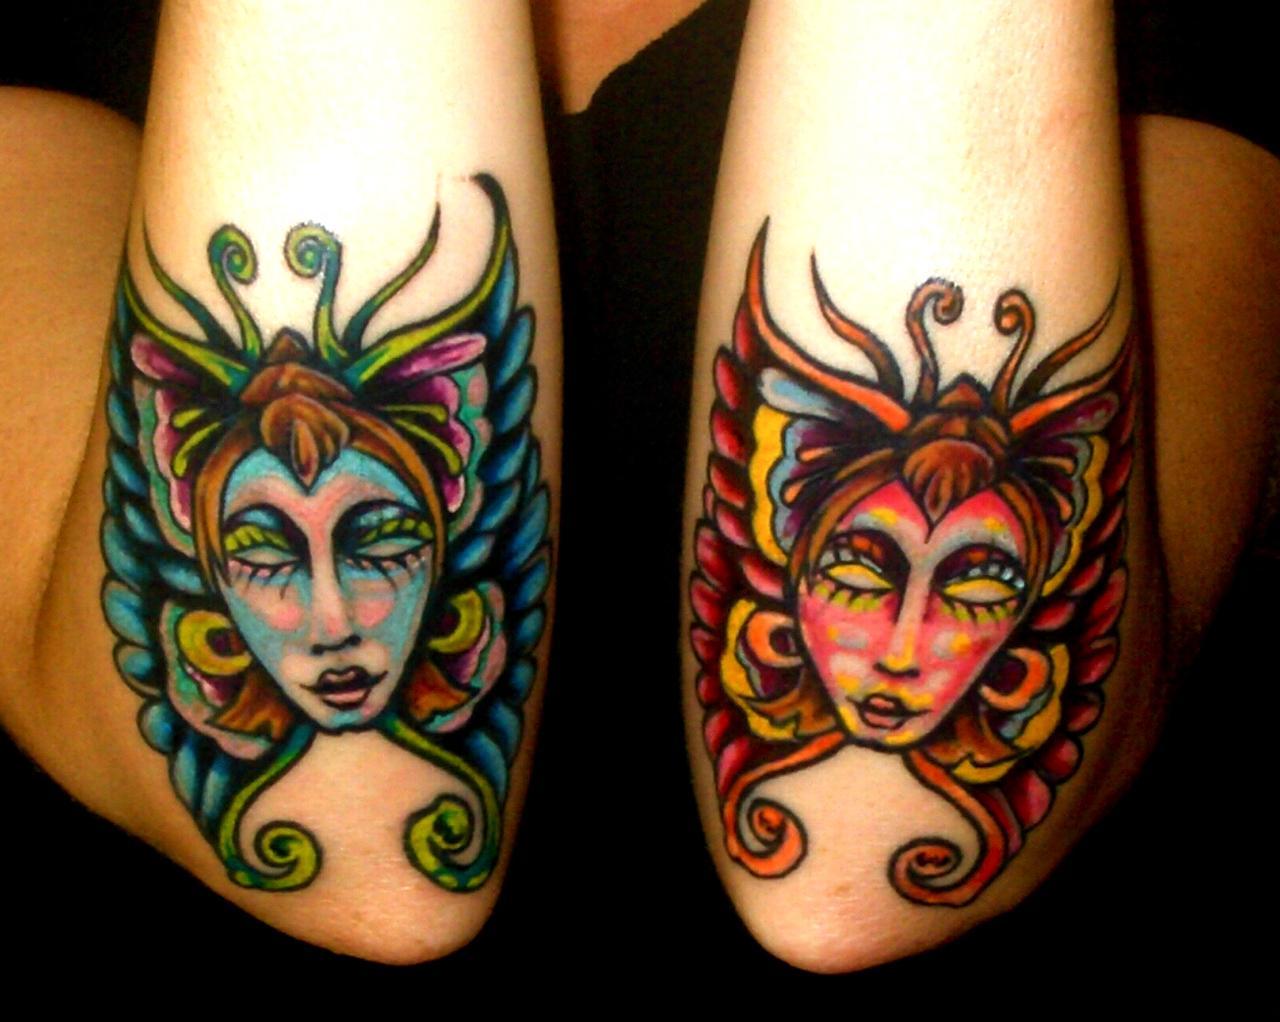 Colorful Fairy Mask Tattoo